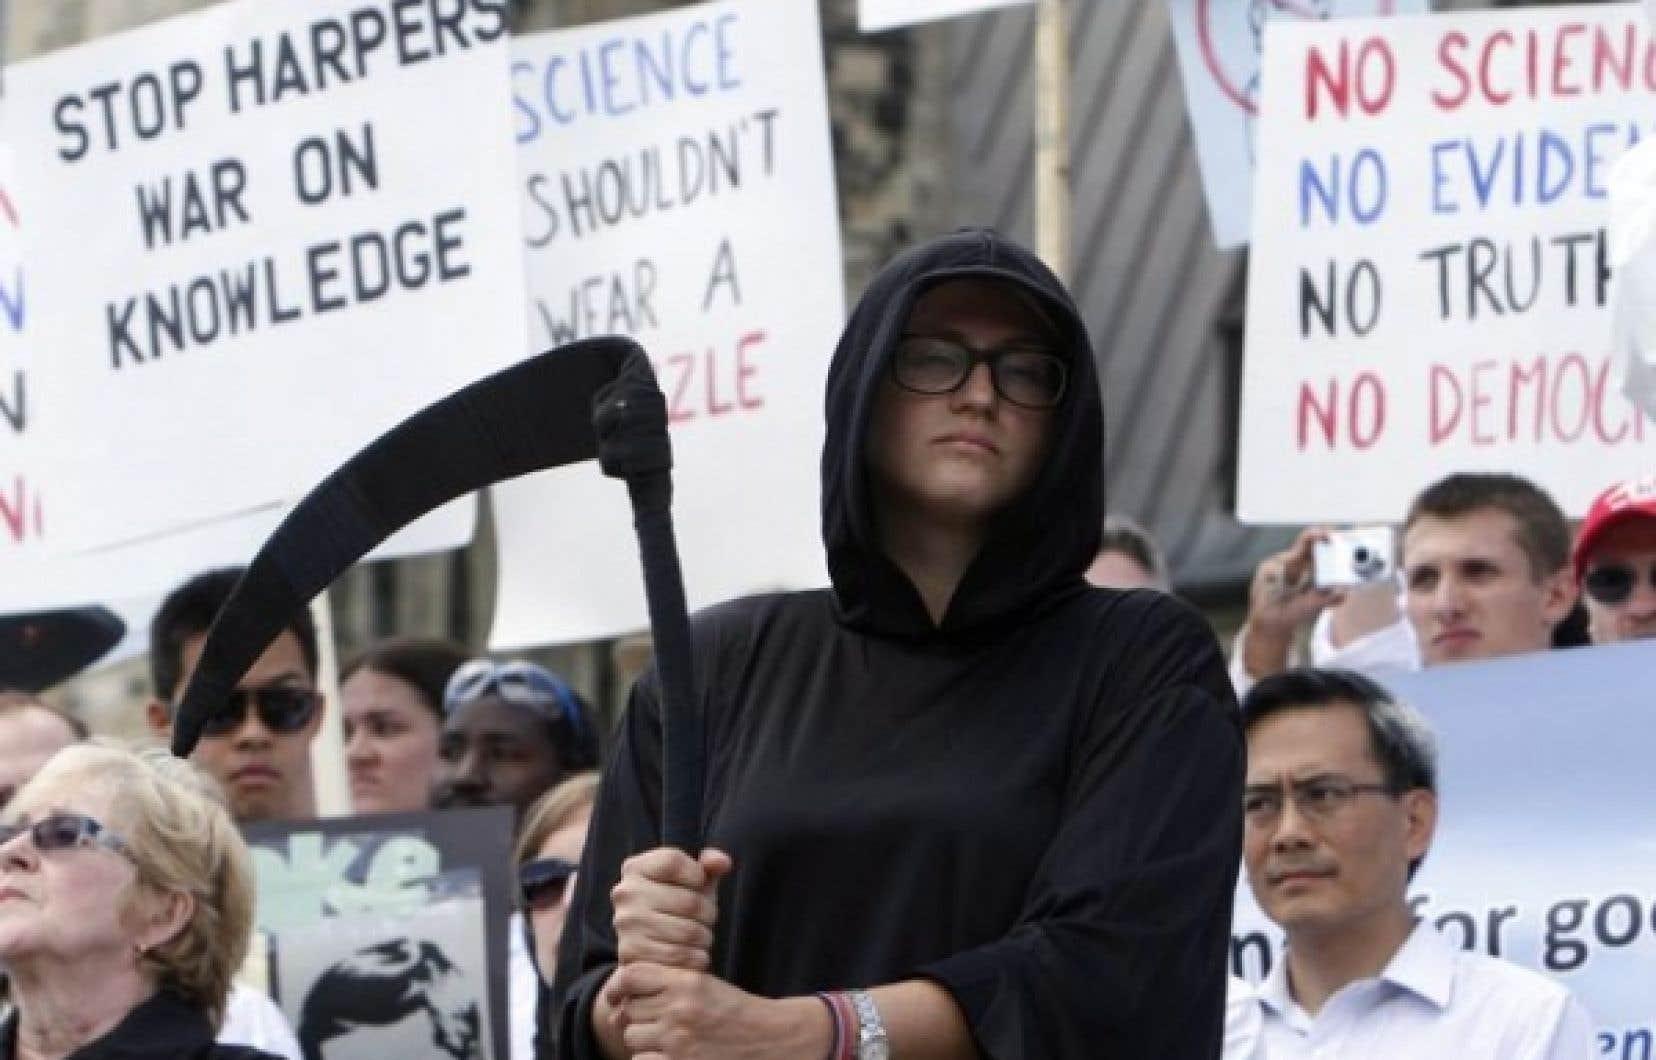 Les scientifiques en sarrau et des «femmes endeuillées vêtues de noir» ont marché au son de musiques funèbres, scandant «pas de preuve, pas de science, pas de vérité, pas de démocratie».